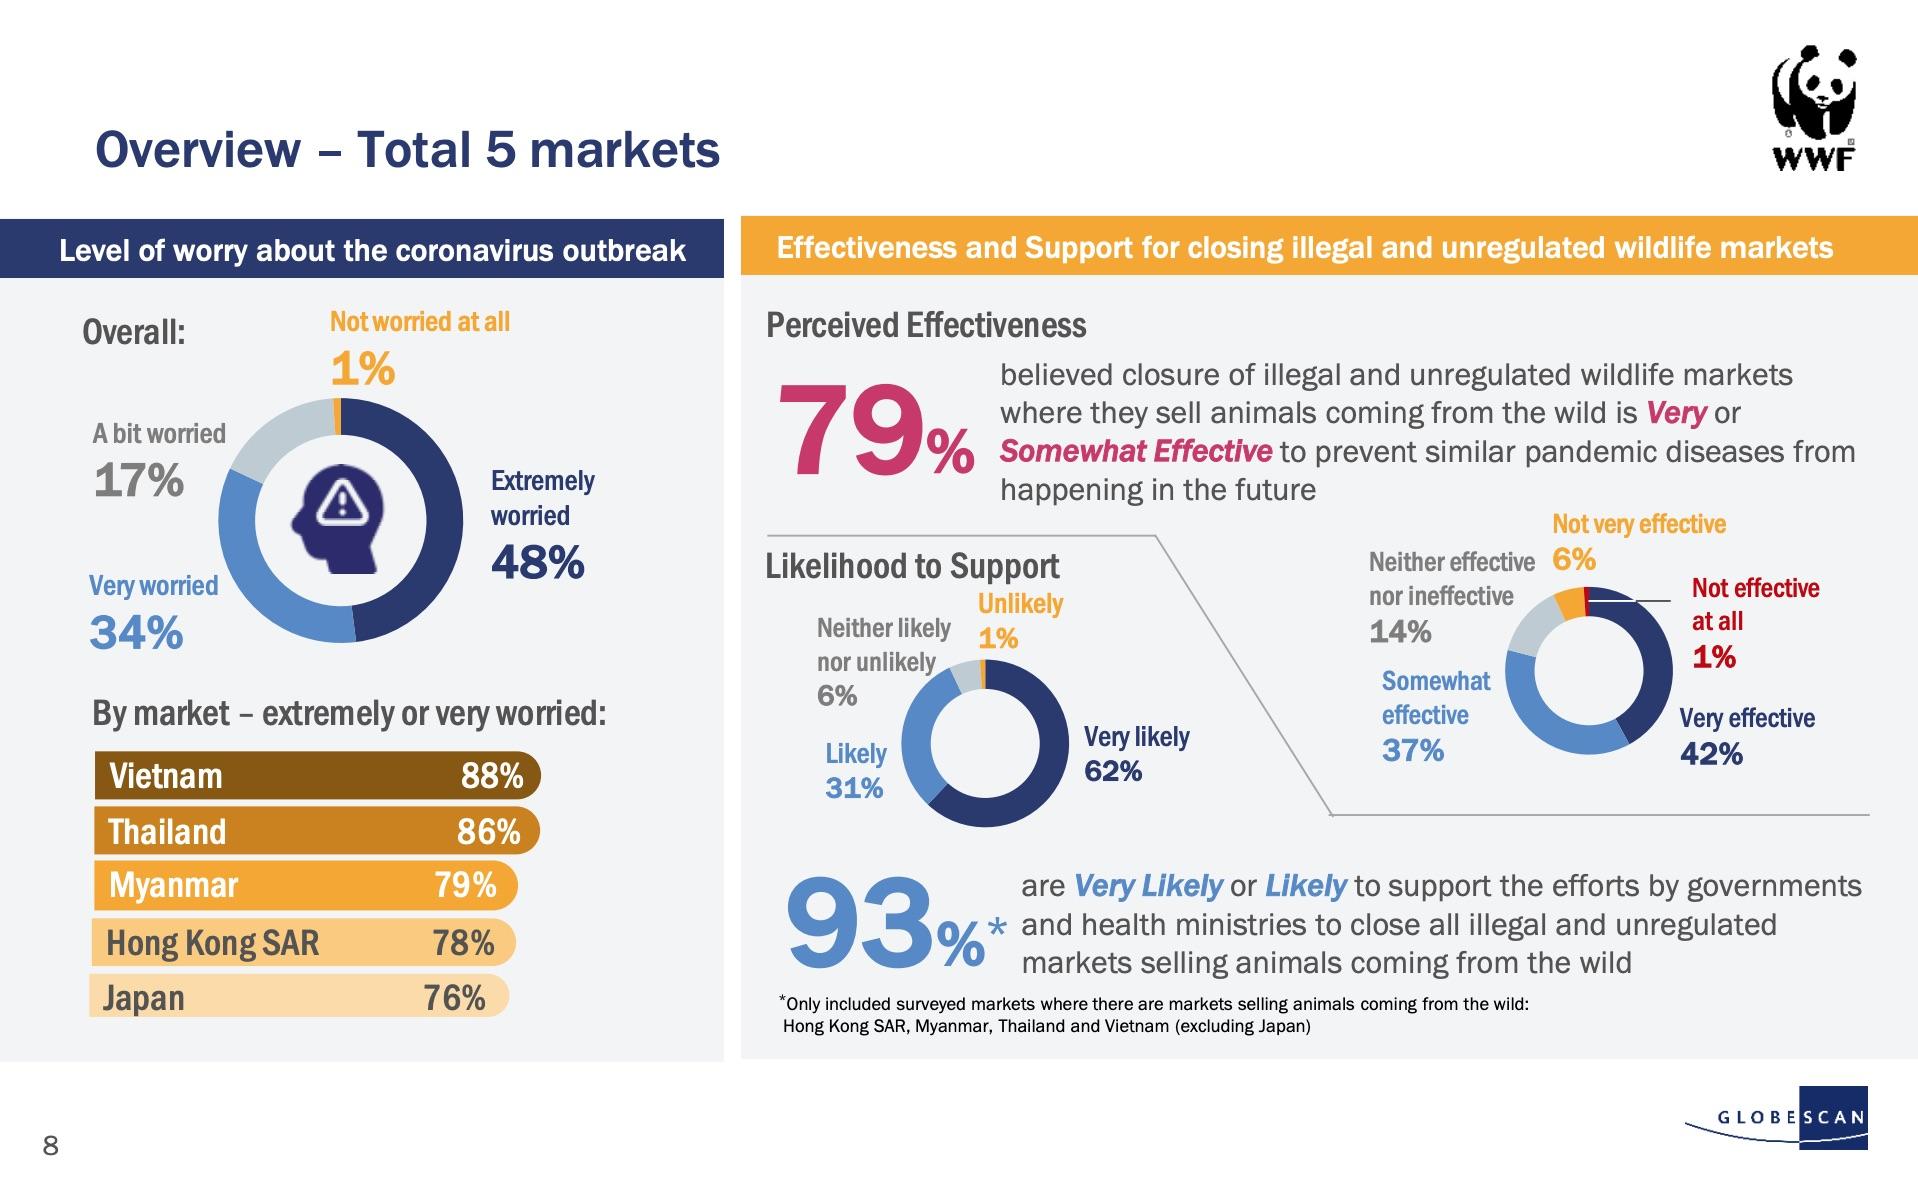 Una slide del rapporto del Wwf sulla disponibiltà in alcuni paesi orientali a chiudere i wet market